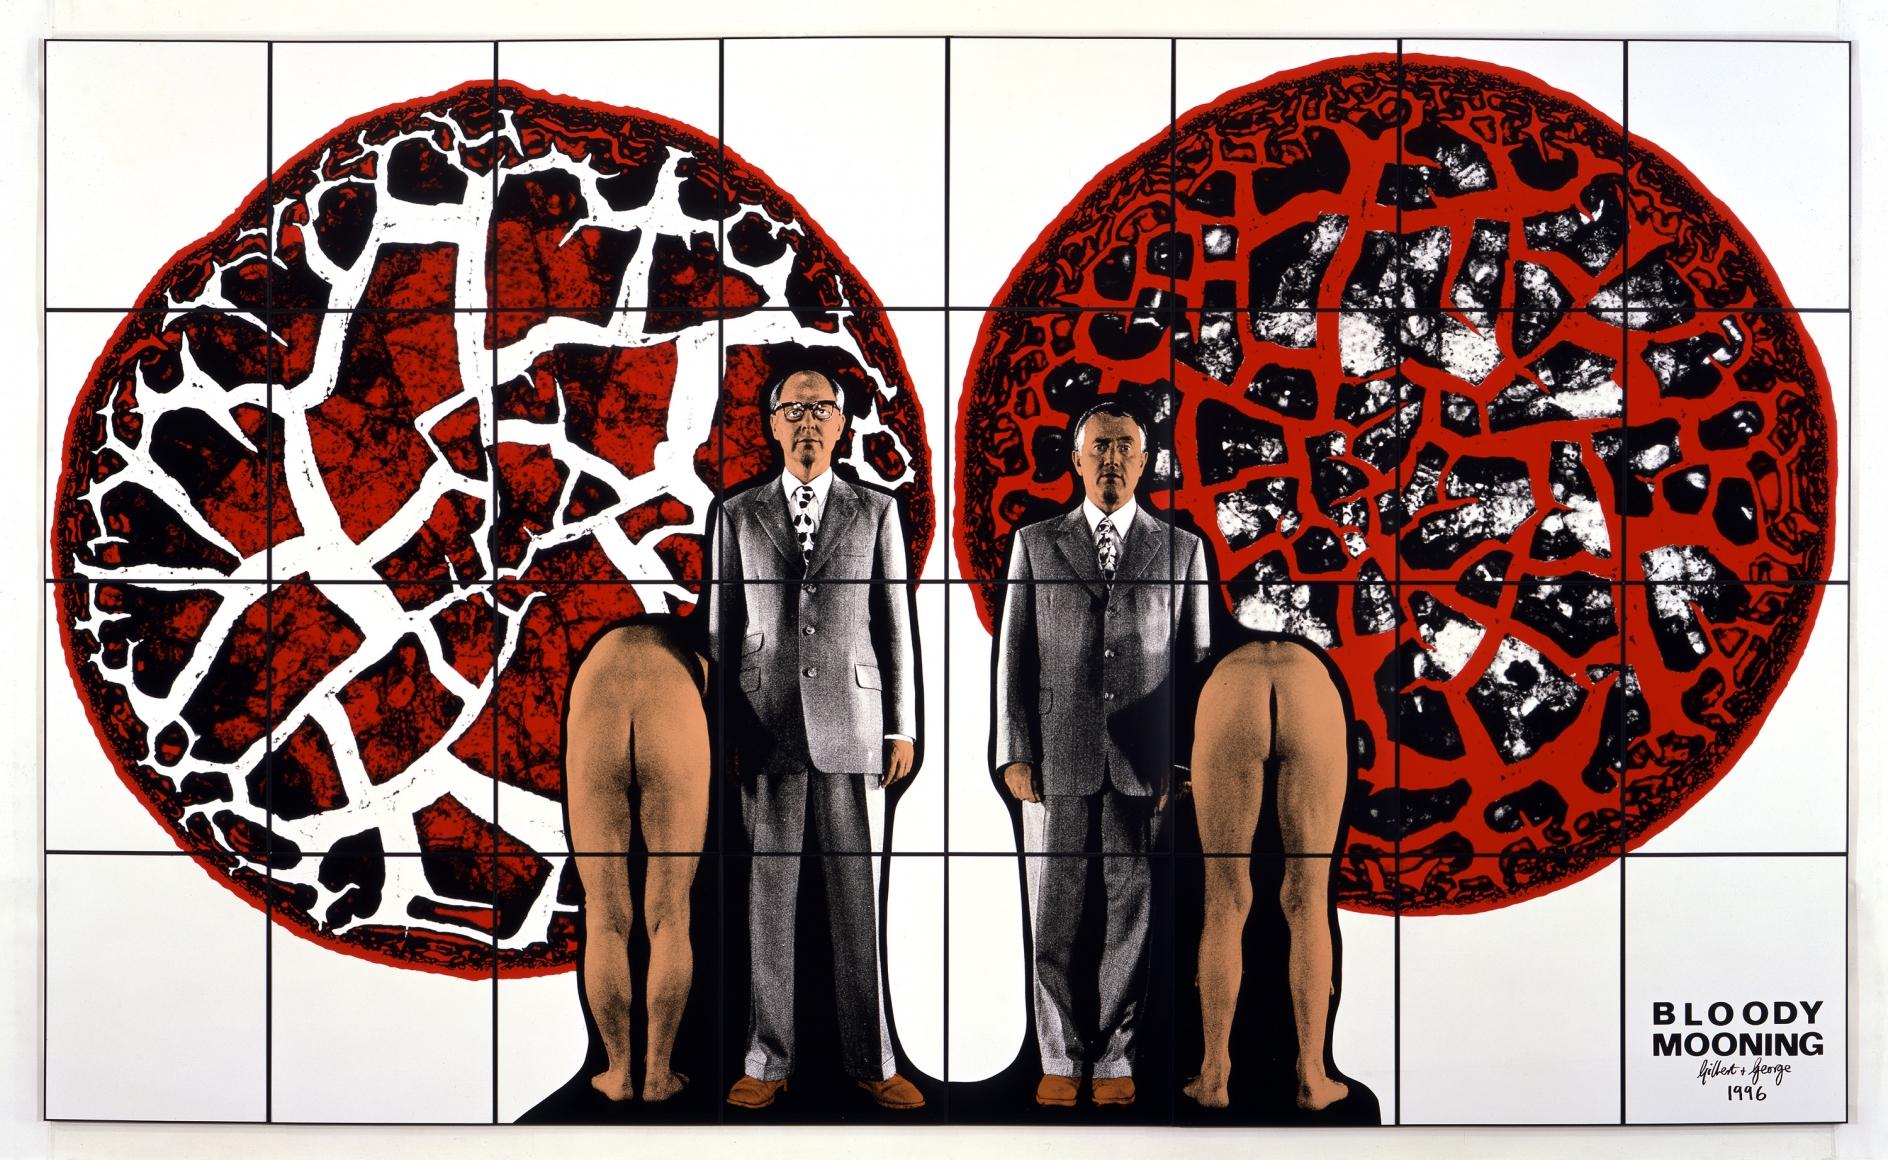 GILBERT & GEORGE, Bloody Mooning, 1996